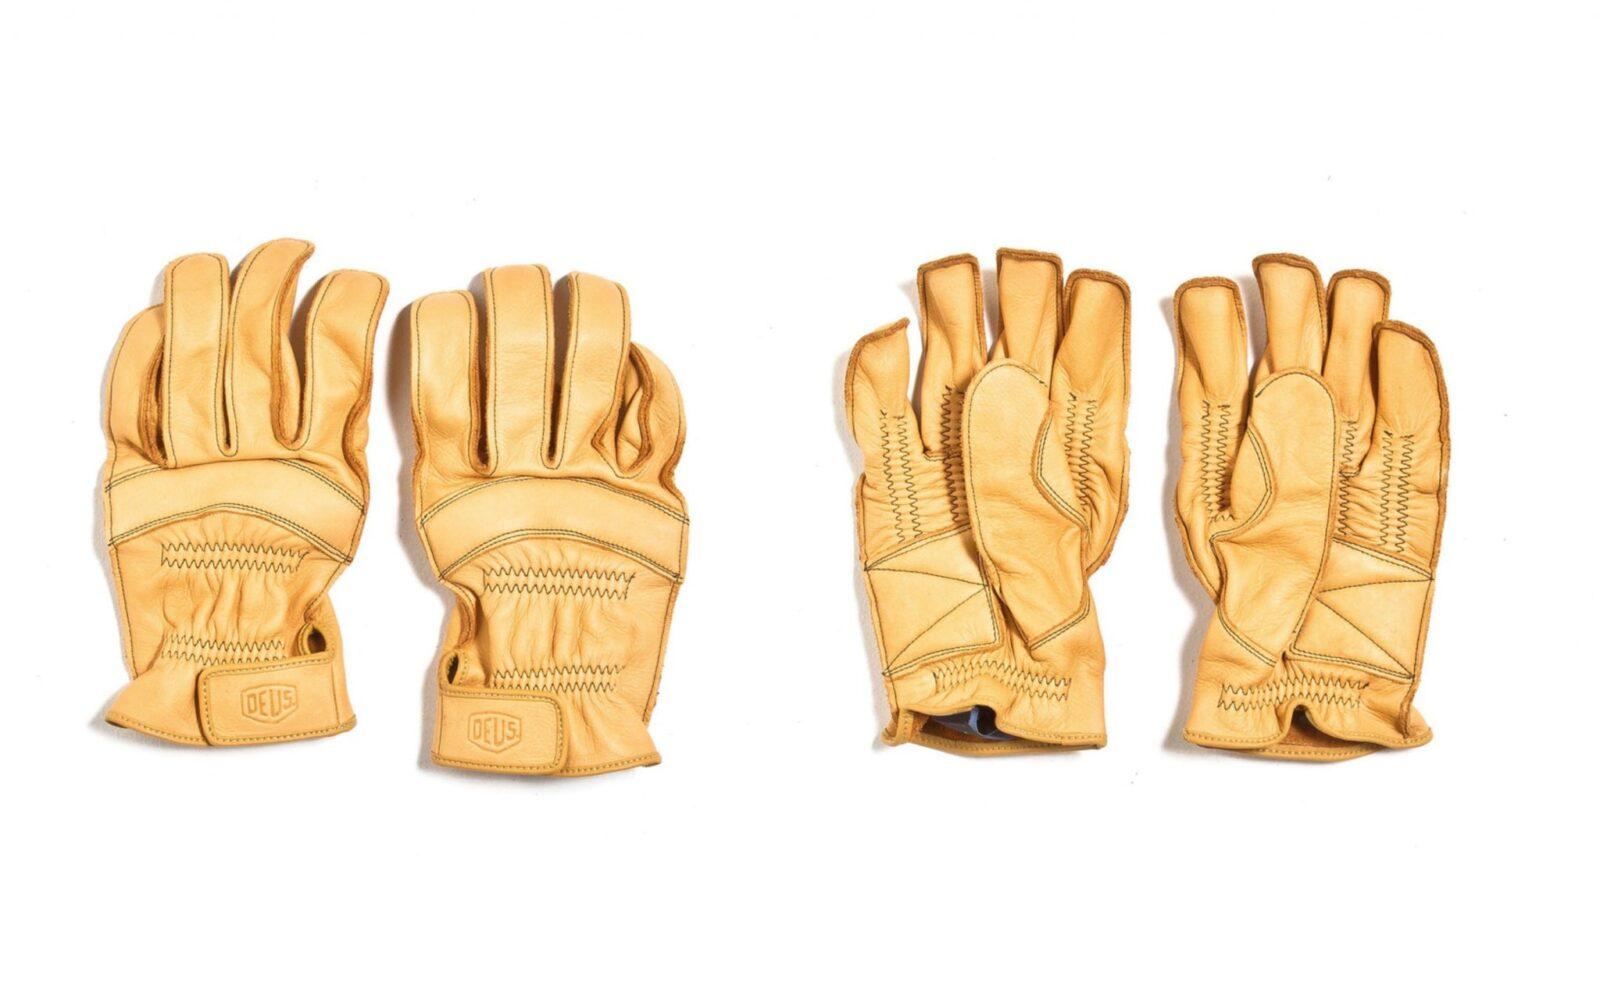 Deus Gripping Gloves 1600x983 - Deus Gripping Gloves